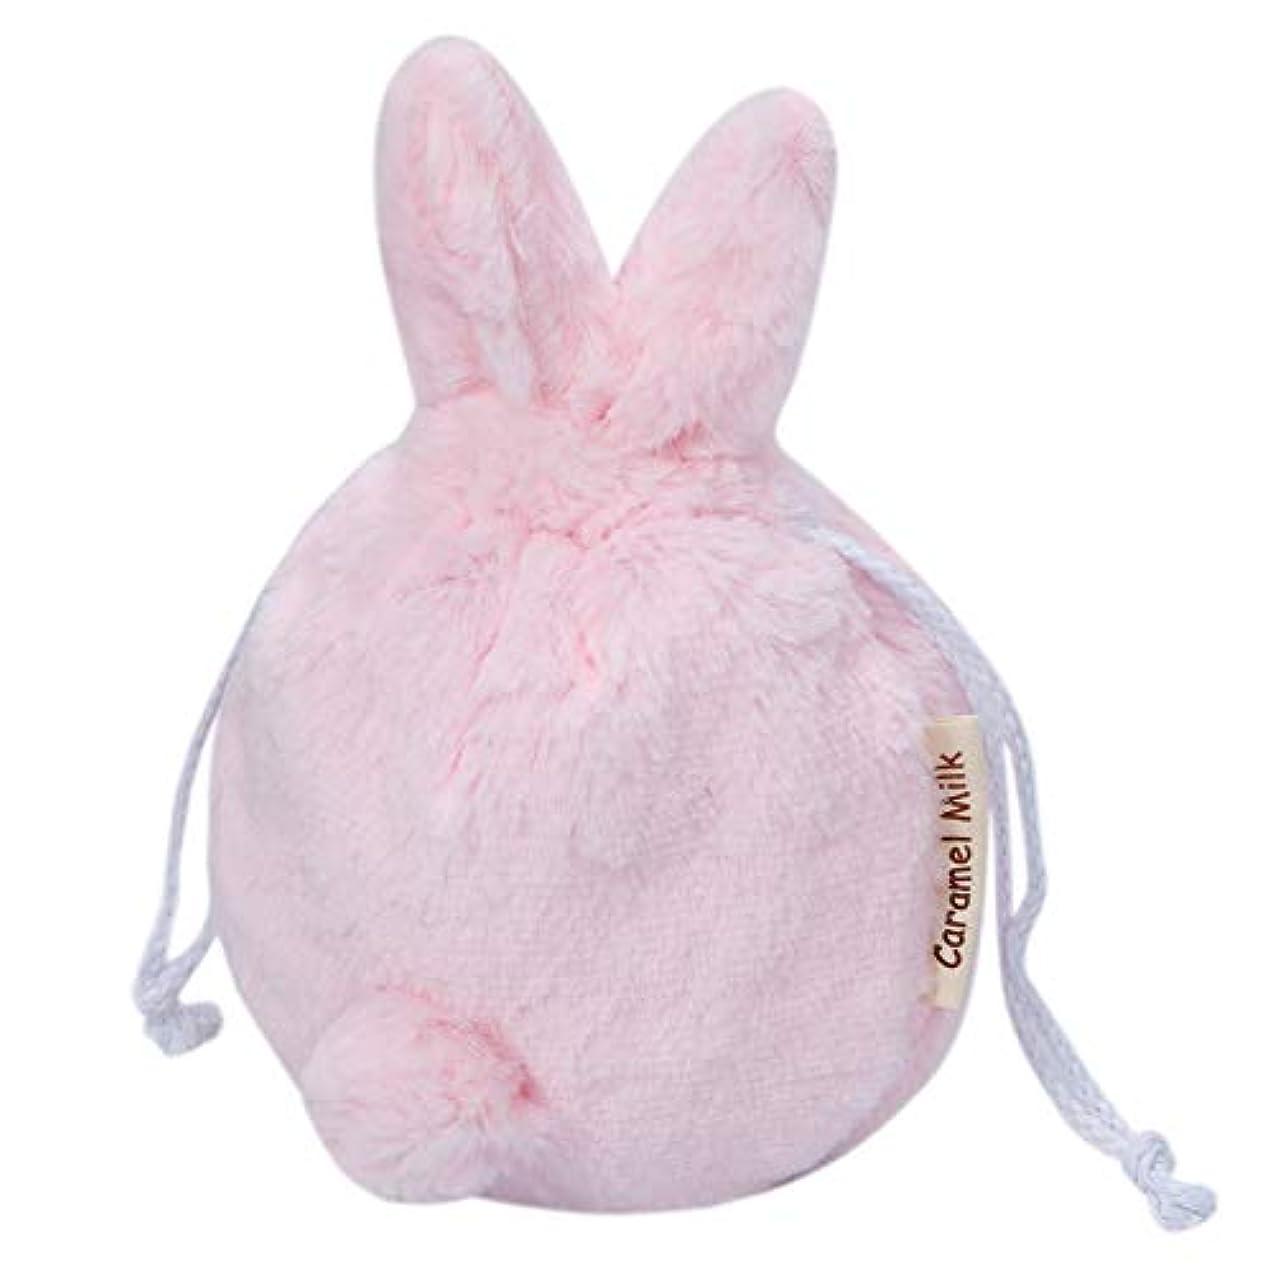 マラソン長々と冬CARAMEL MILK コスメポーチ 化粧バッグ 化粧ポーチ もふもふ うさぎ ポーチ 巾着袋 化粧品 旅行